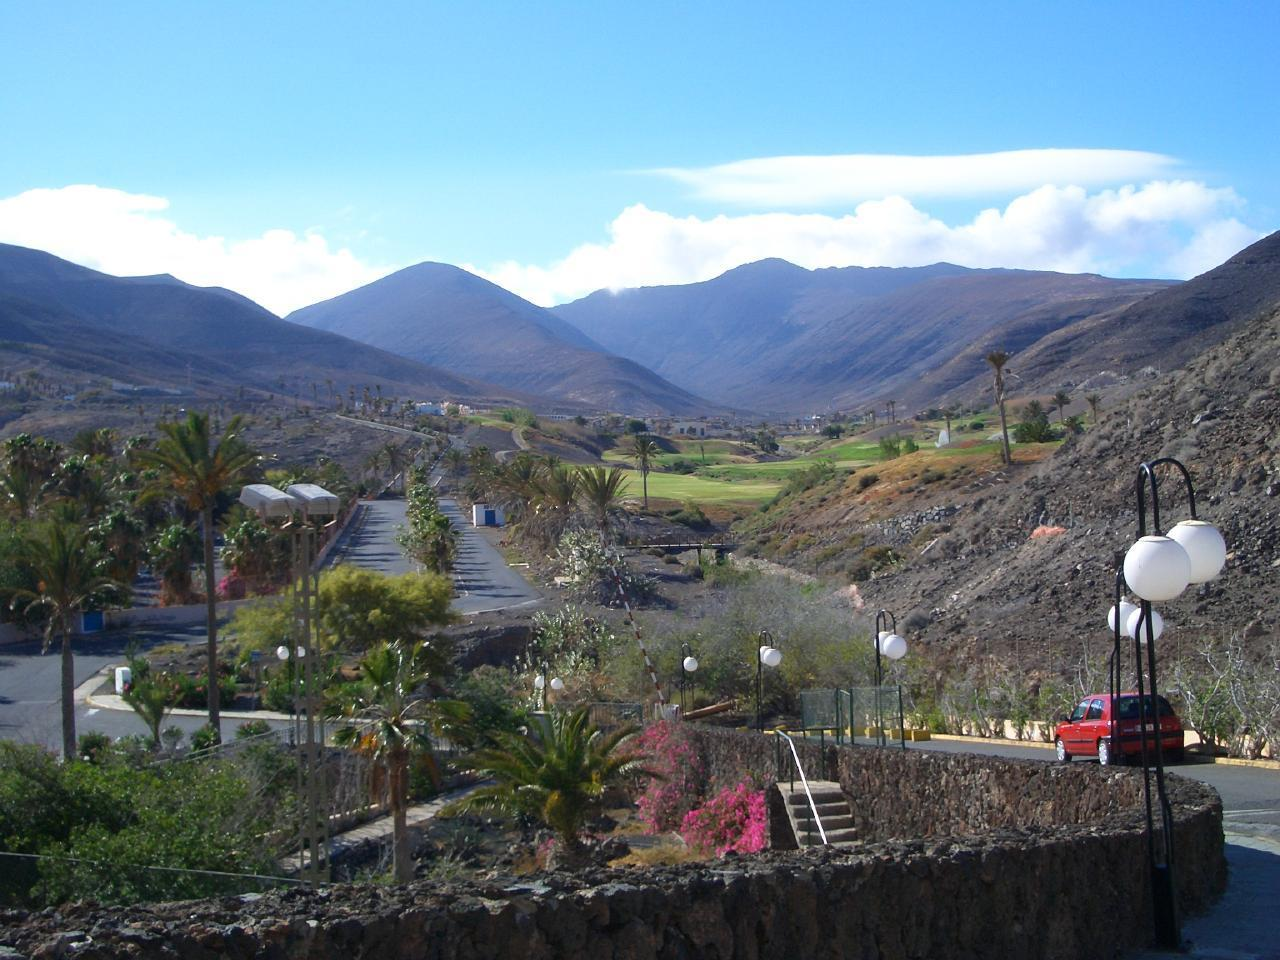 Ferienhaus Exklusiver Bungalow im Süden Fuerteventuras (2029655), Morro Jable, Fuerteventura, Kanarische Inseln, Spanien, Bild 15